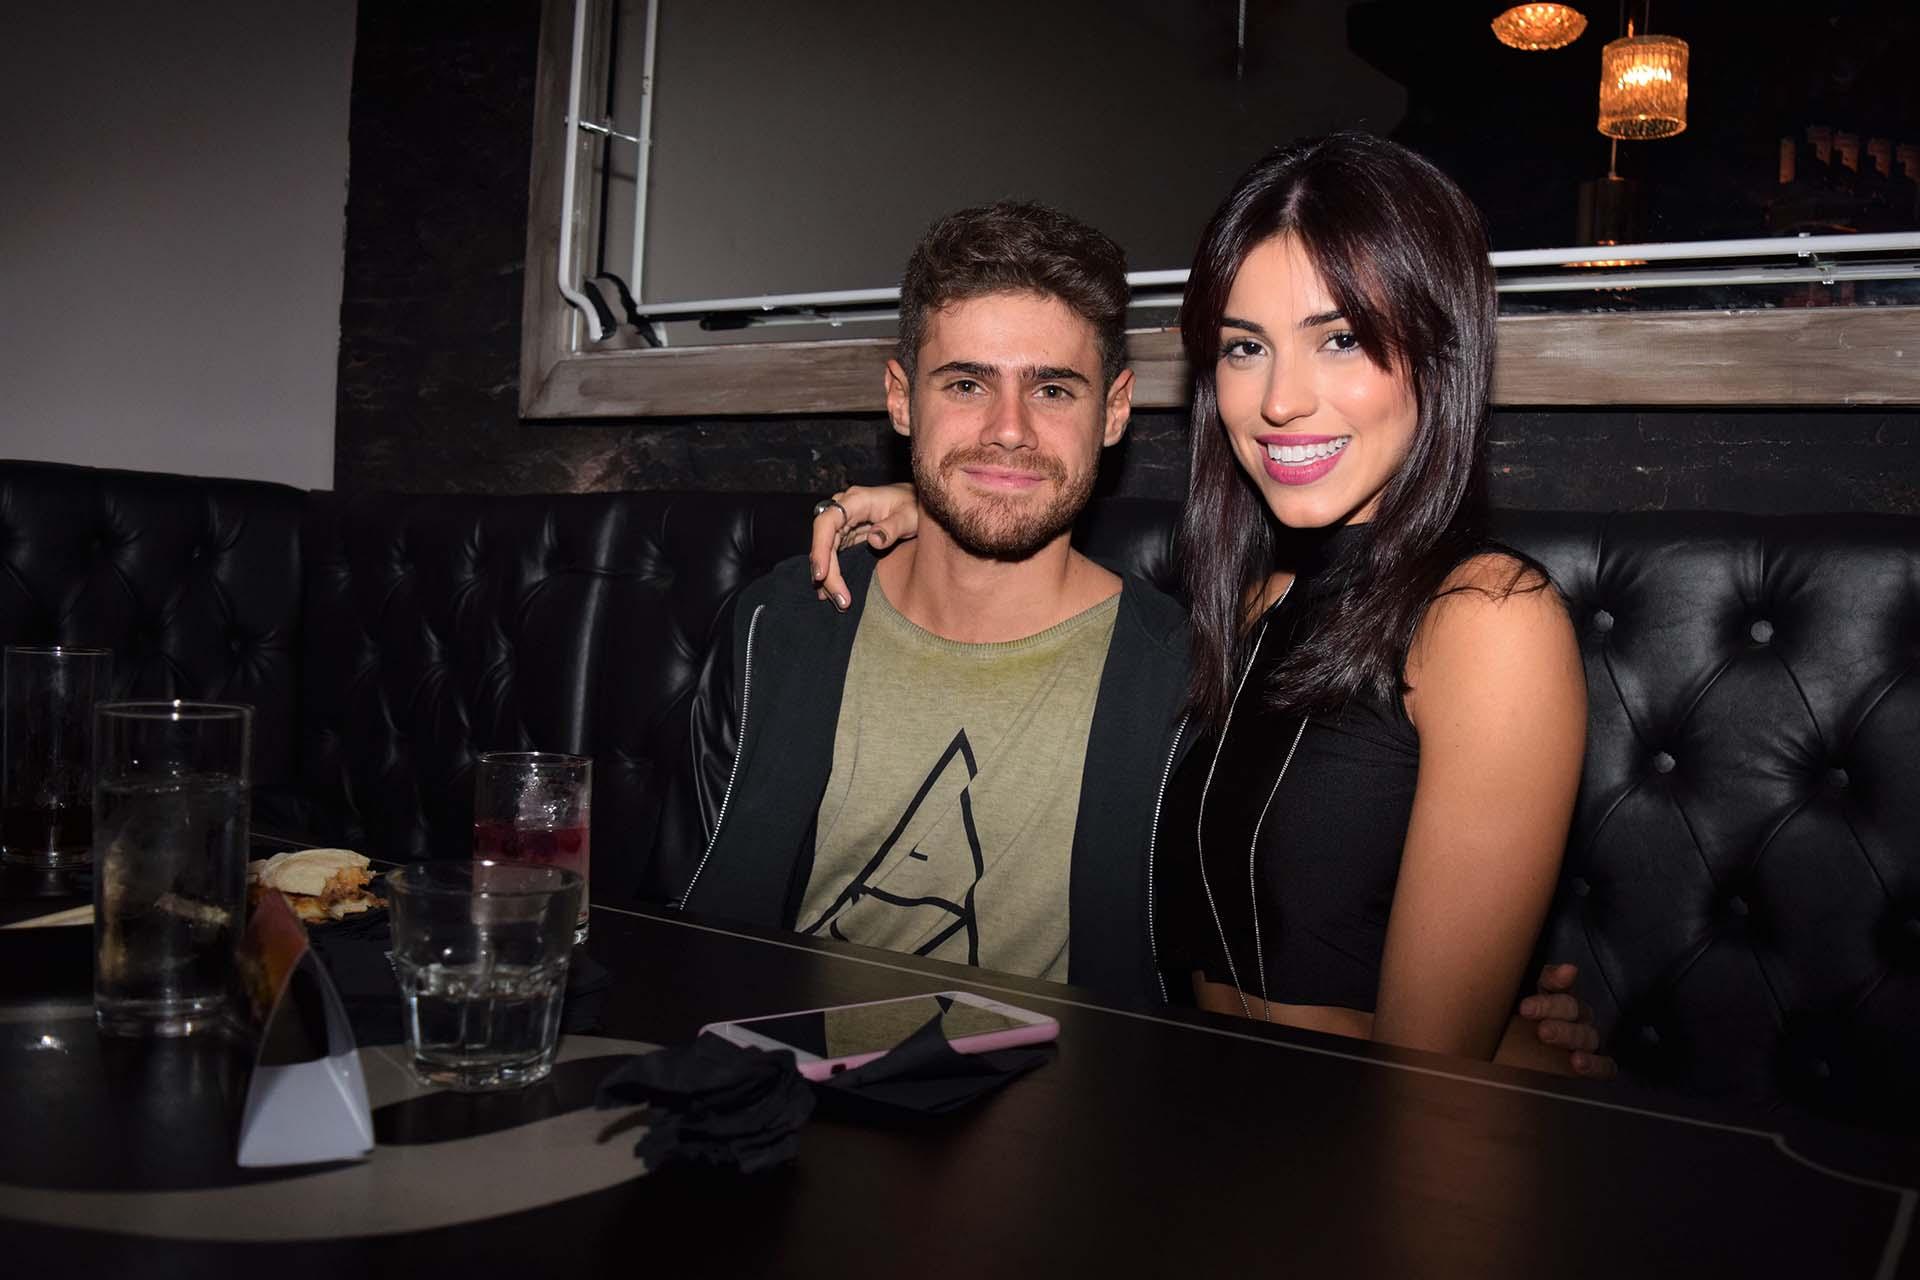 Fotos de gaston soffritti y su novia 36